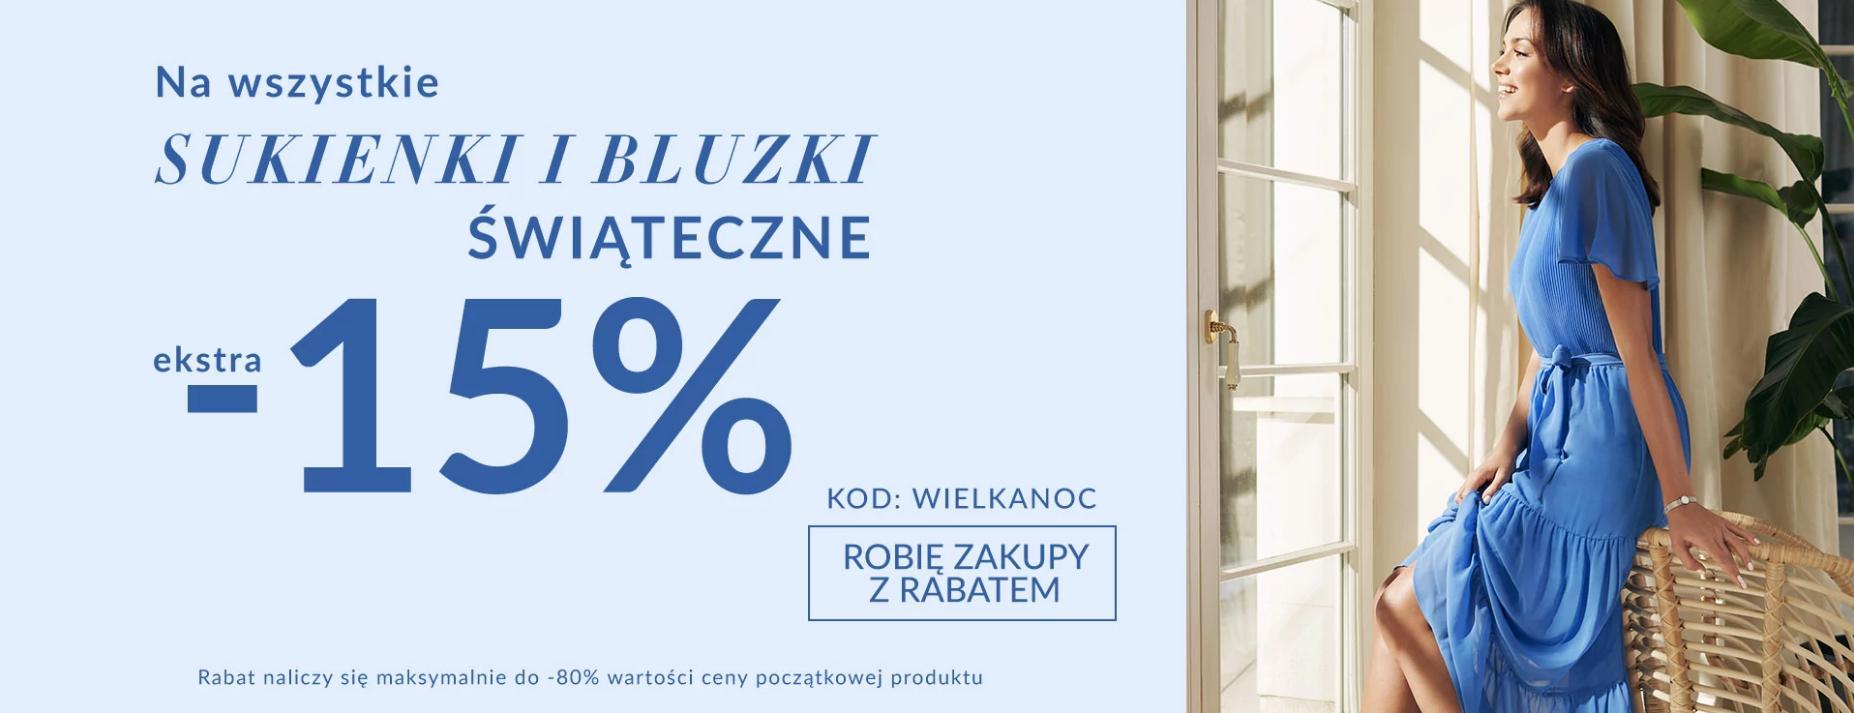 Quiosque: dodatkowe 15% zniżki na wszystkie sukienki i bluzki